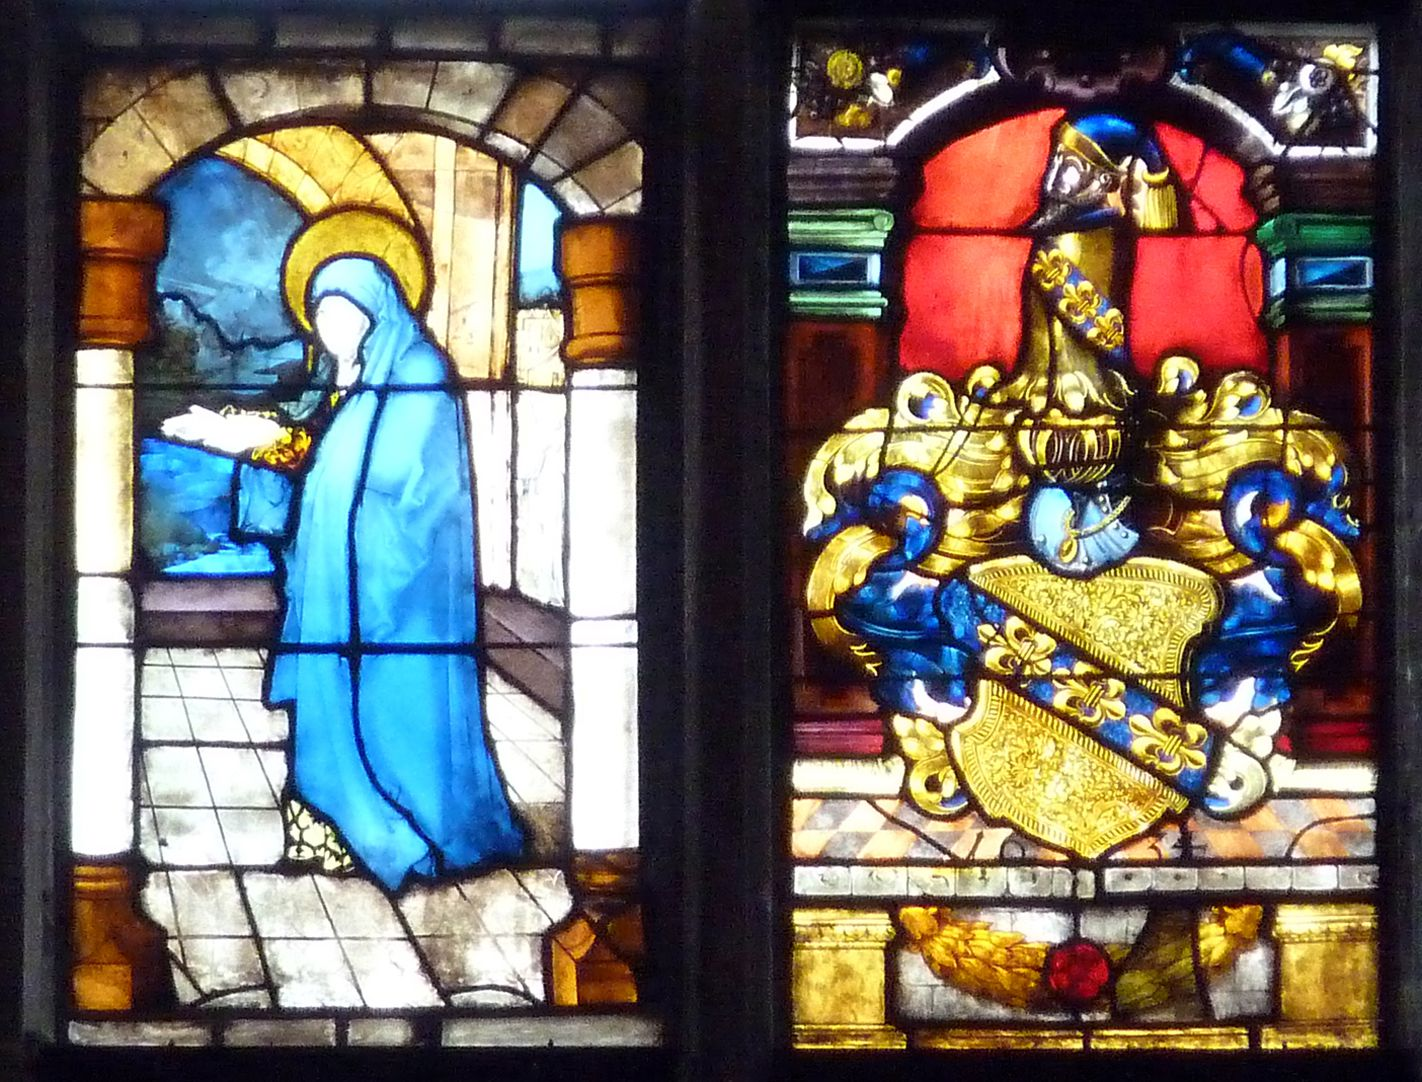 Ratsfenster mittlere Zeile rechts, auf der Linken: Die heilige Anna aus einer Begegnung an der Goldenen Pforte, 16.Jh.; rechts Gugelwappen, 17. Jh.